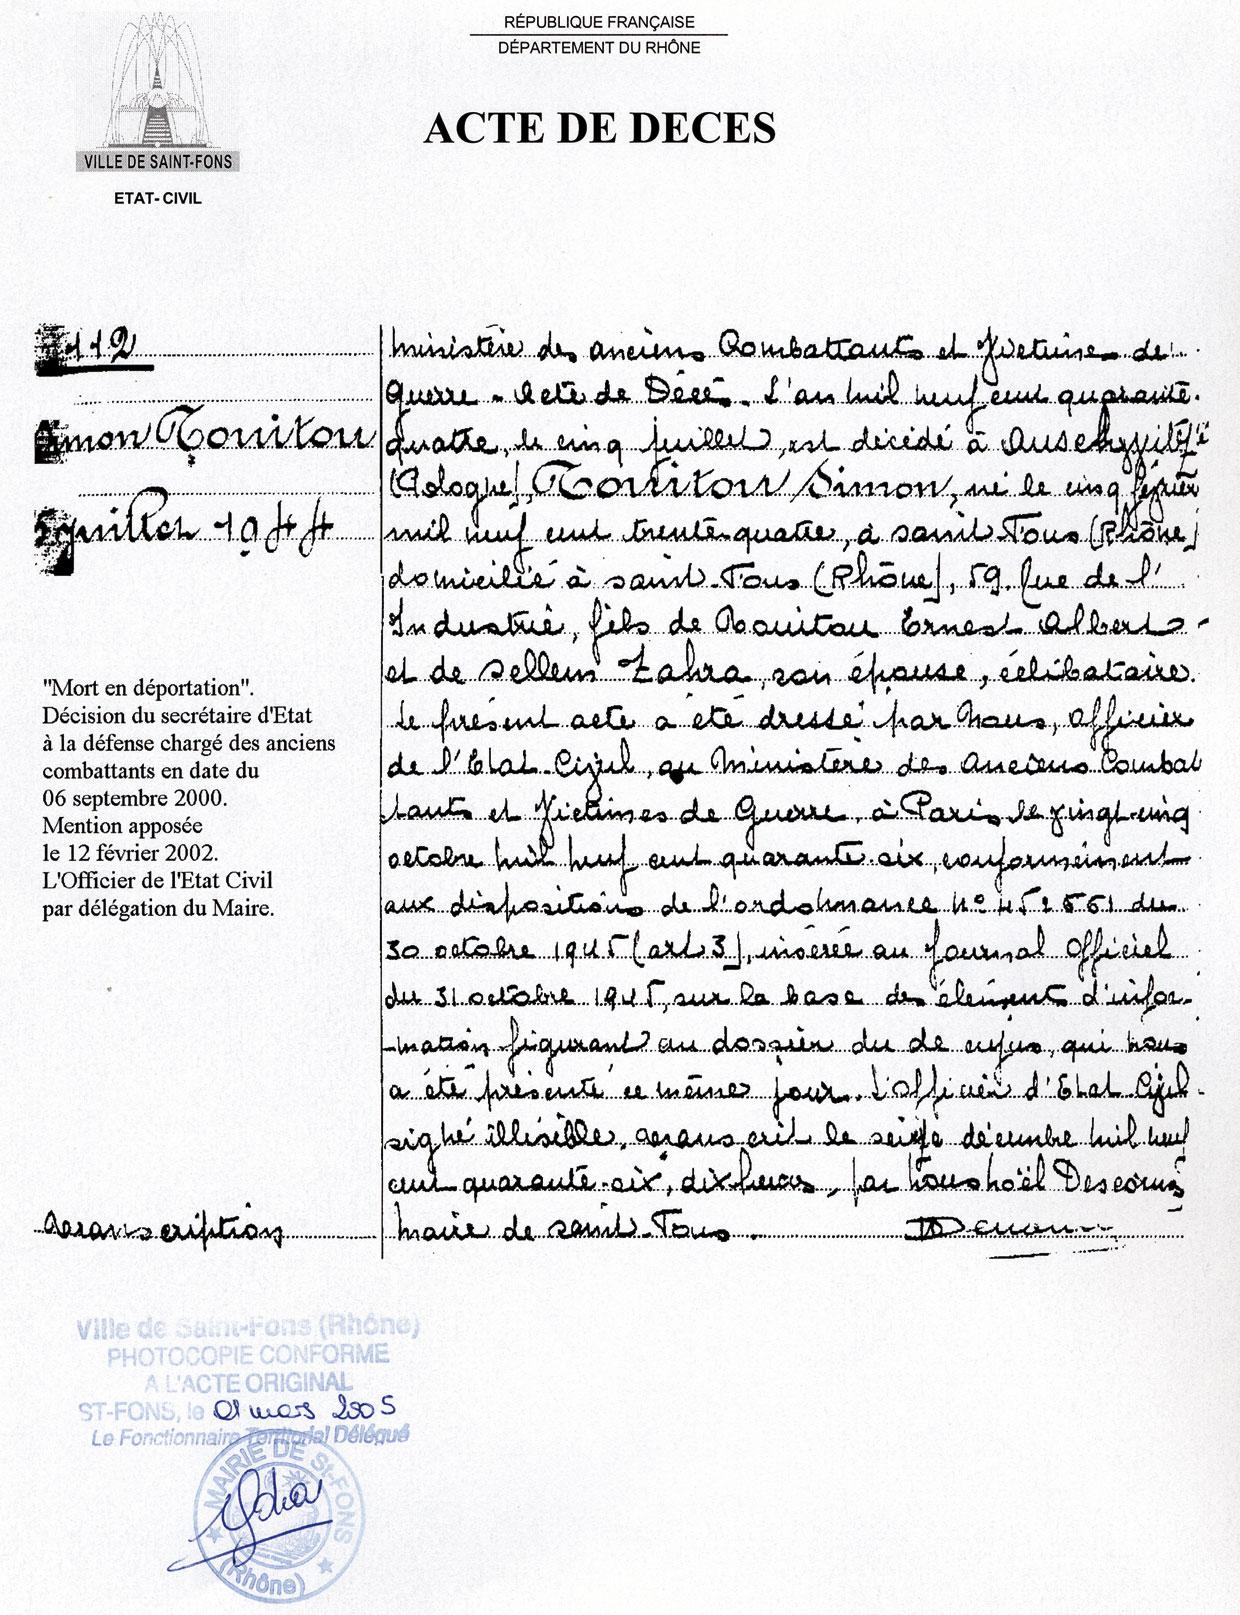 Acte de décès de Simon, Touitou, Saint-Fons